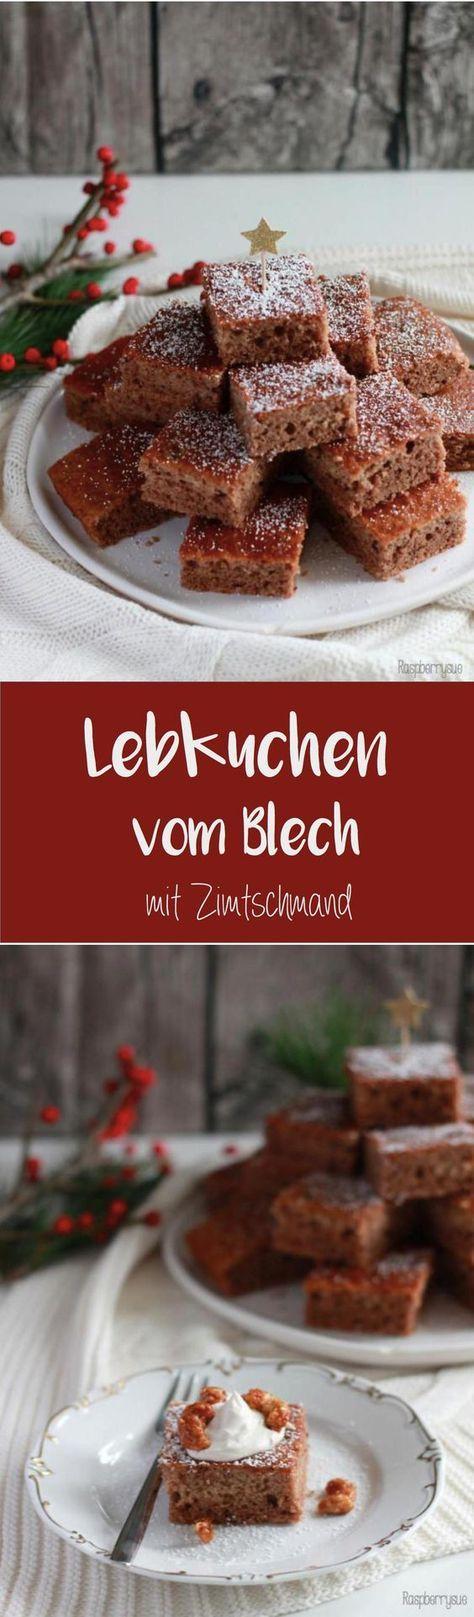 {Last Minute Inspiration} Lebkuchen vom Blech mit Zimtschmand und unser Weihnachtsmenü